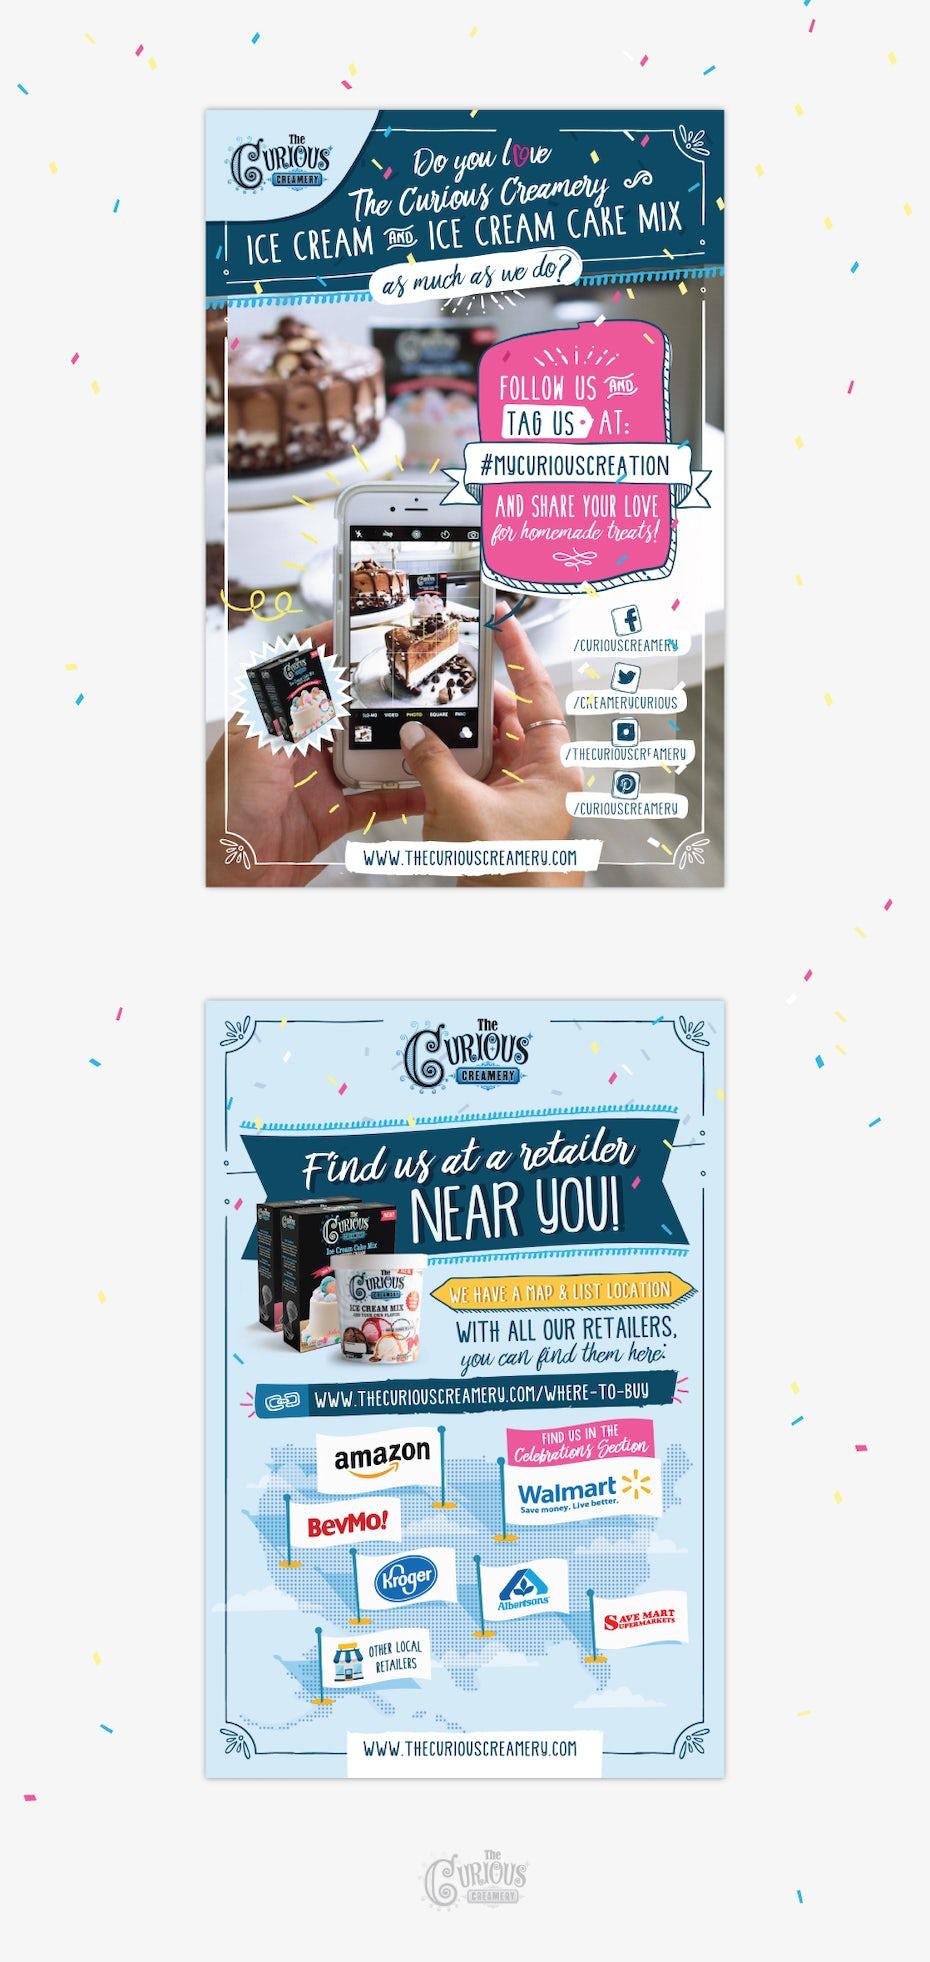 Flyer for ice cream and ice cream mix